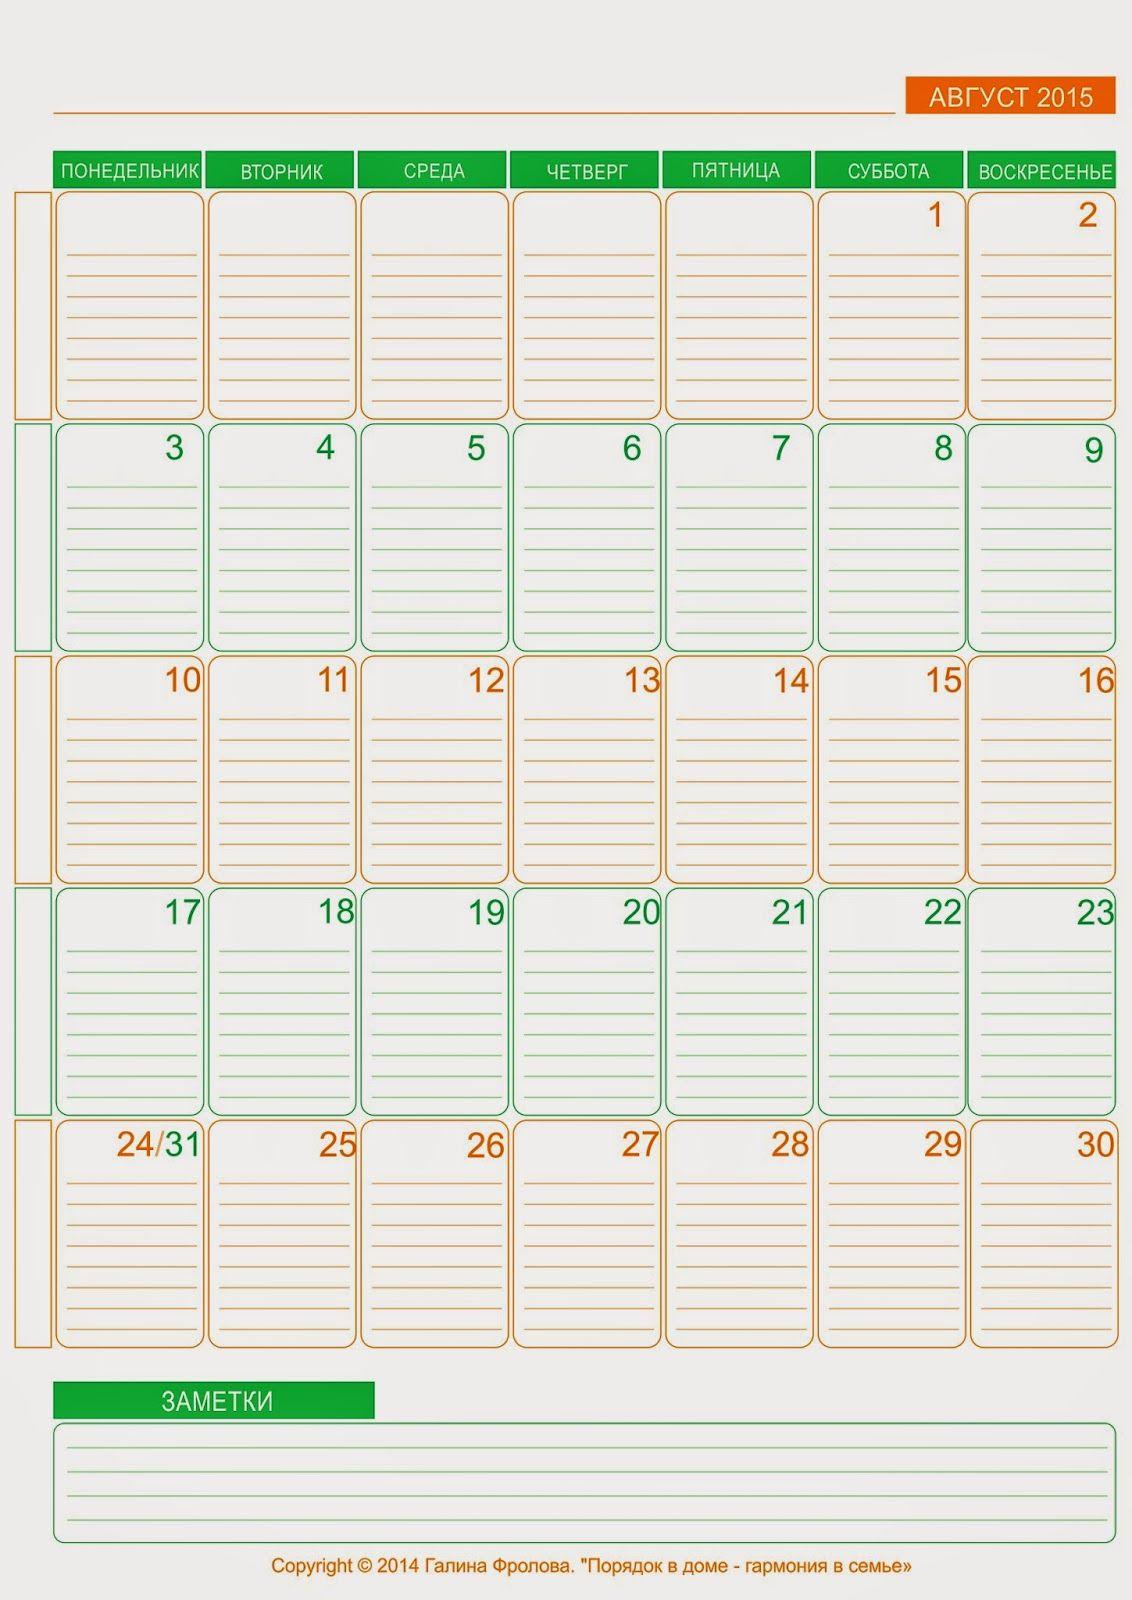 Порядок в доме - гармония в семье: Календарь на лето 2015